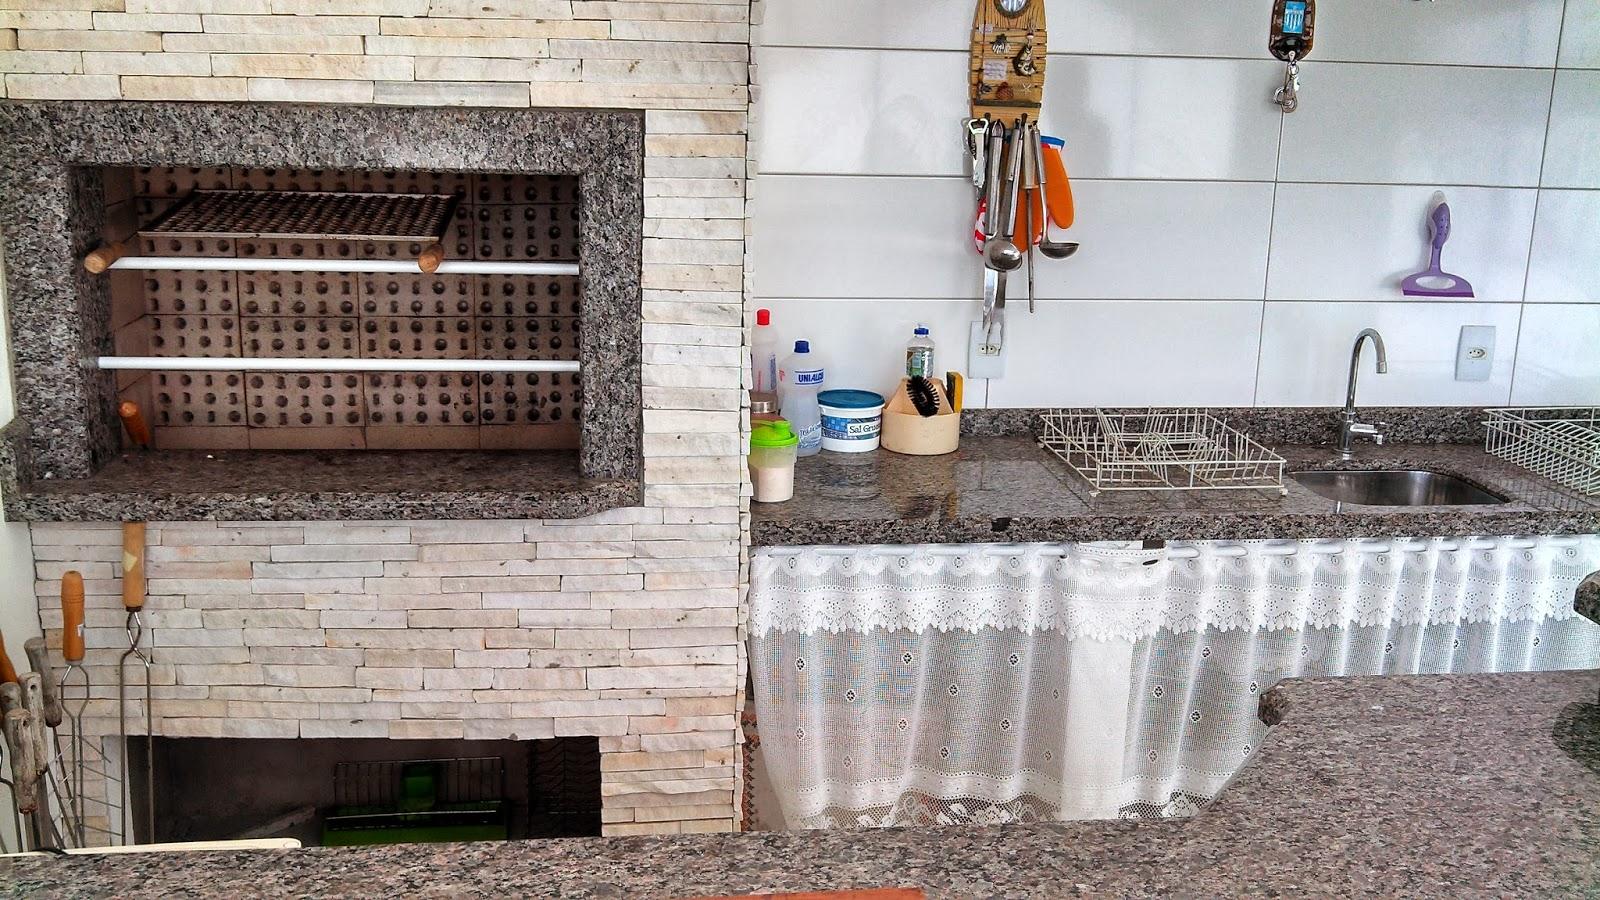 Edícula com banheiro despensa escritório e lavanderia** #995C32 1600 900